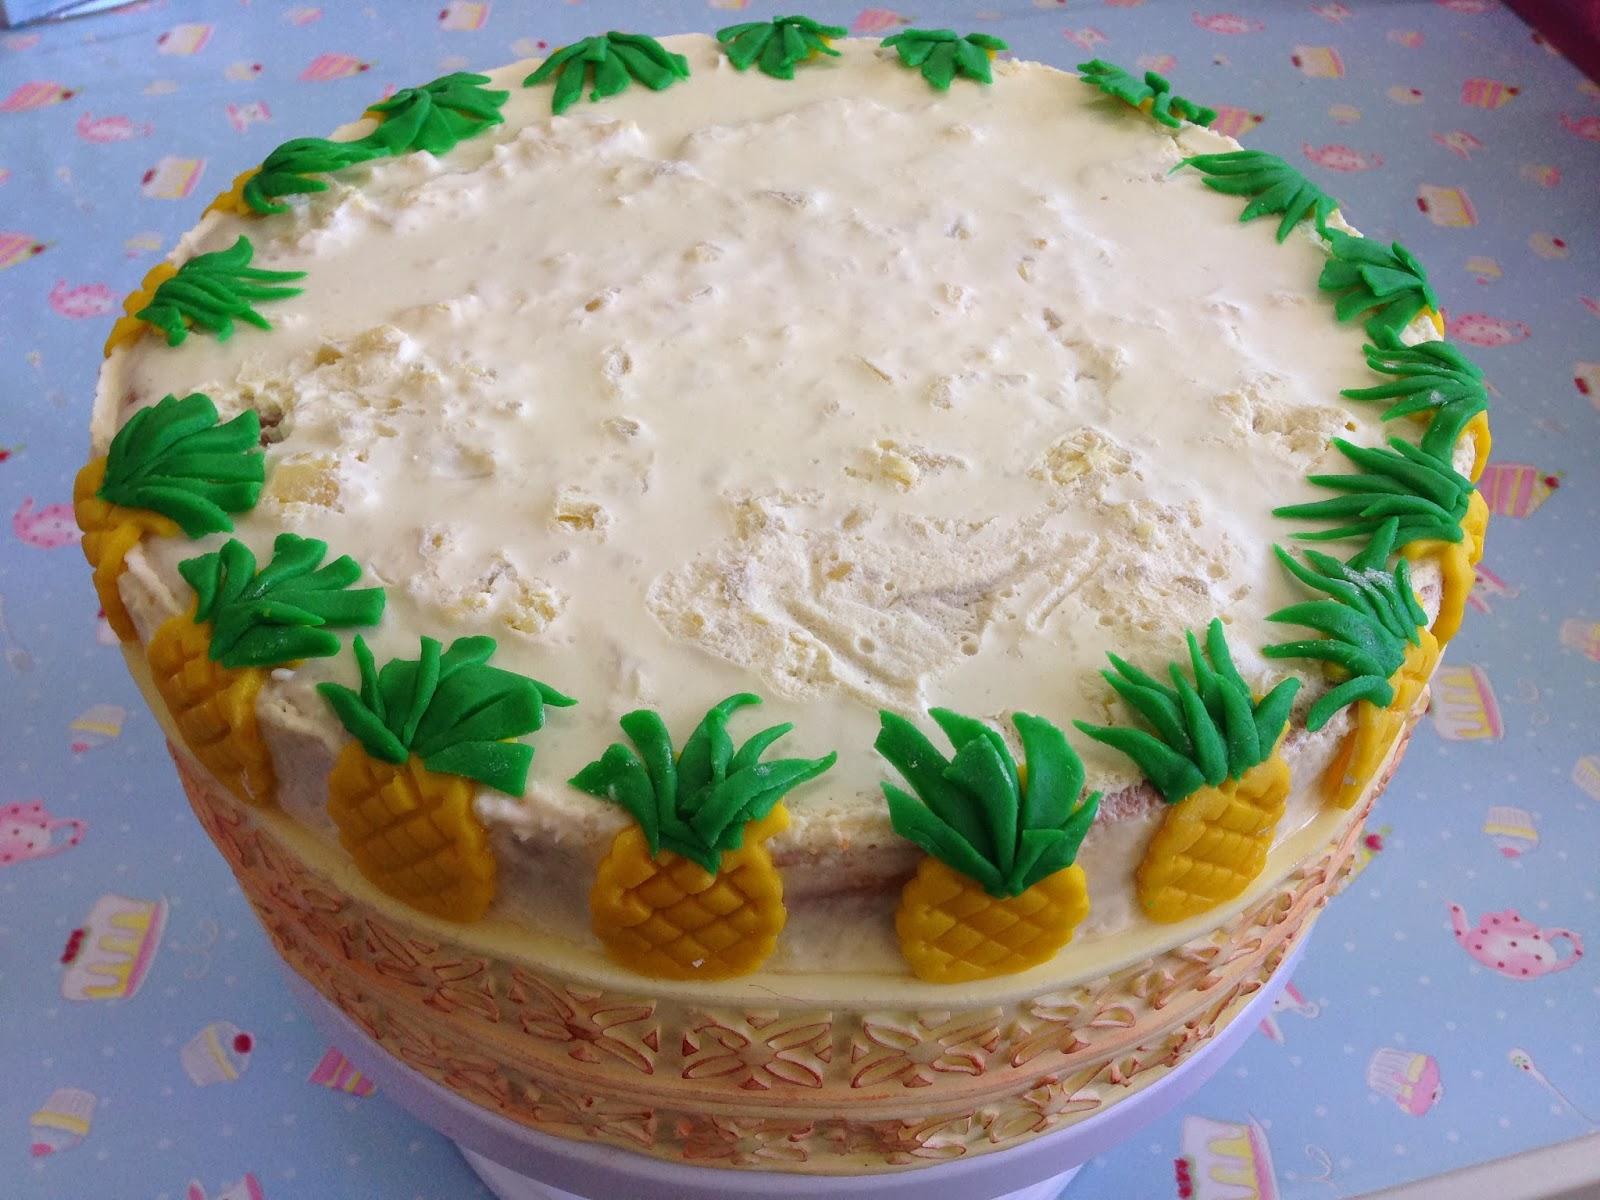 Kiwi Cakes Pina Colada Mousse cake for Grandma Kiwicakes birthday